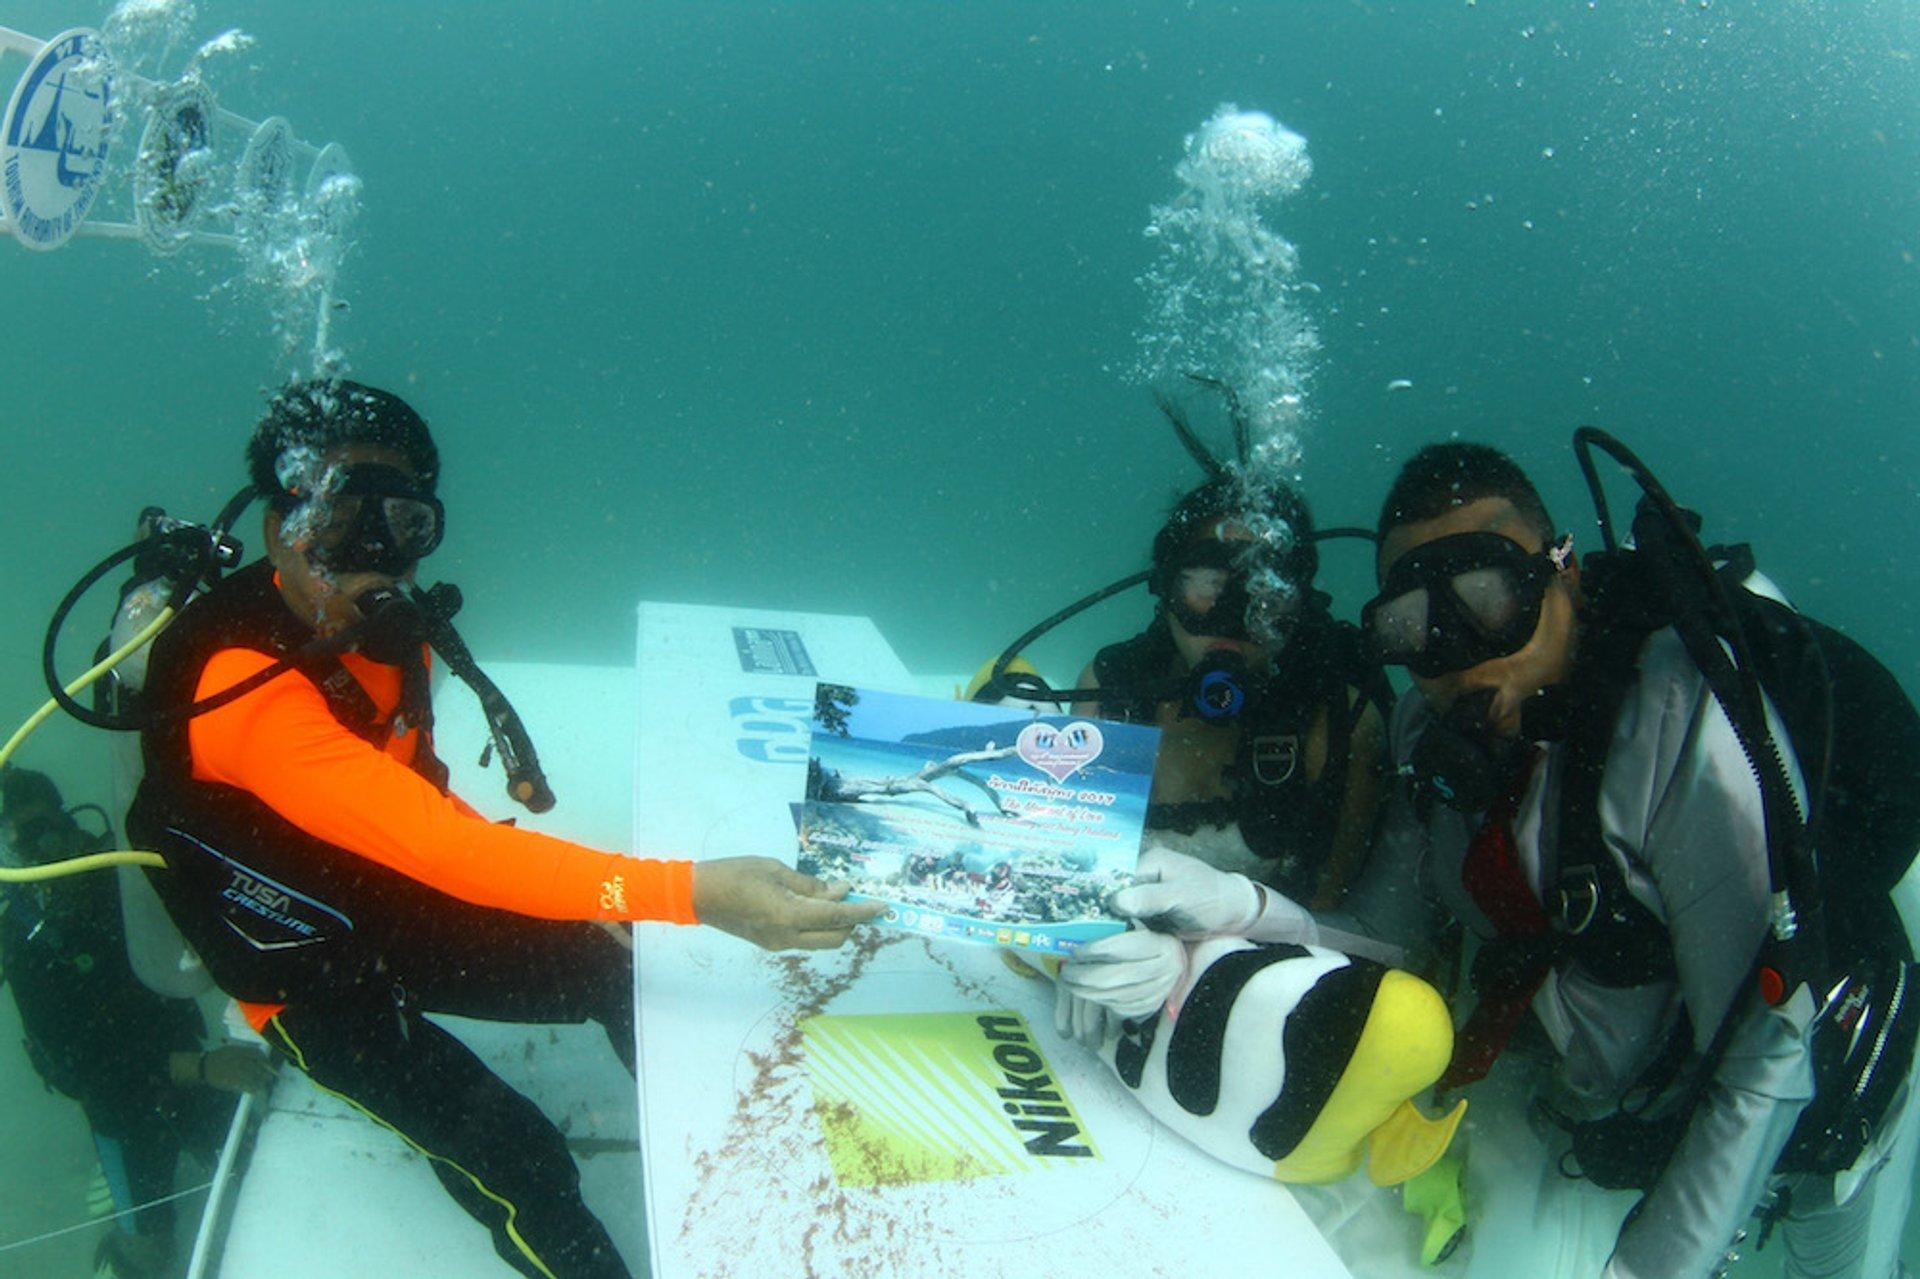 Транг подводная свадебная церемония в Таиланде 2020 - лучшее время